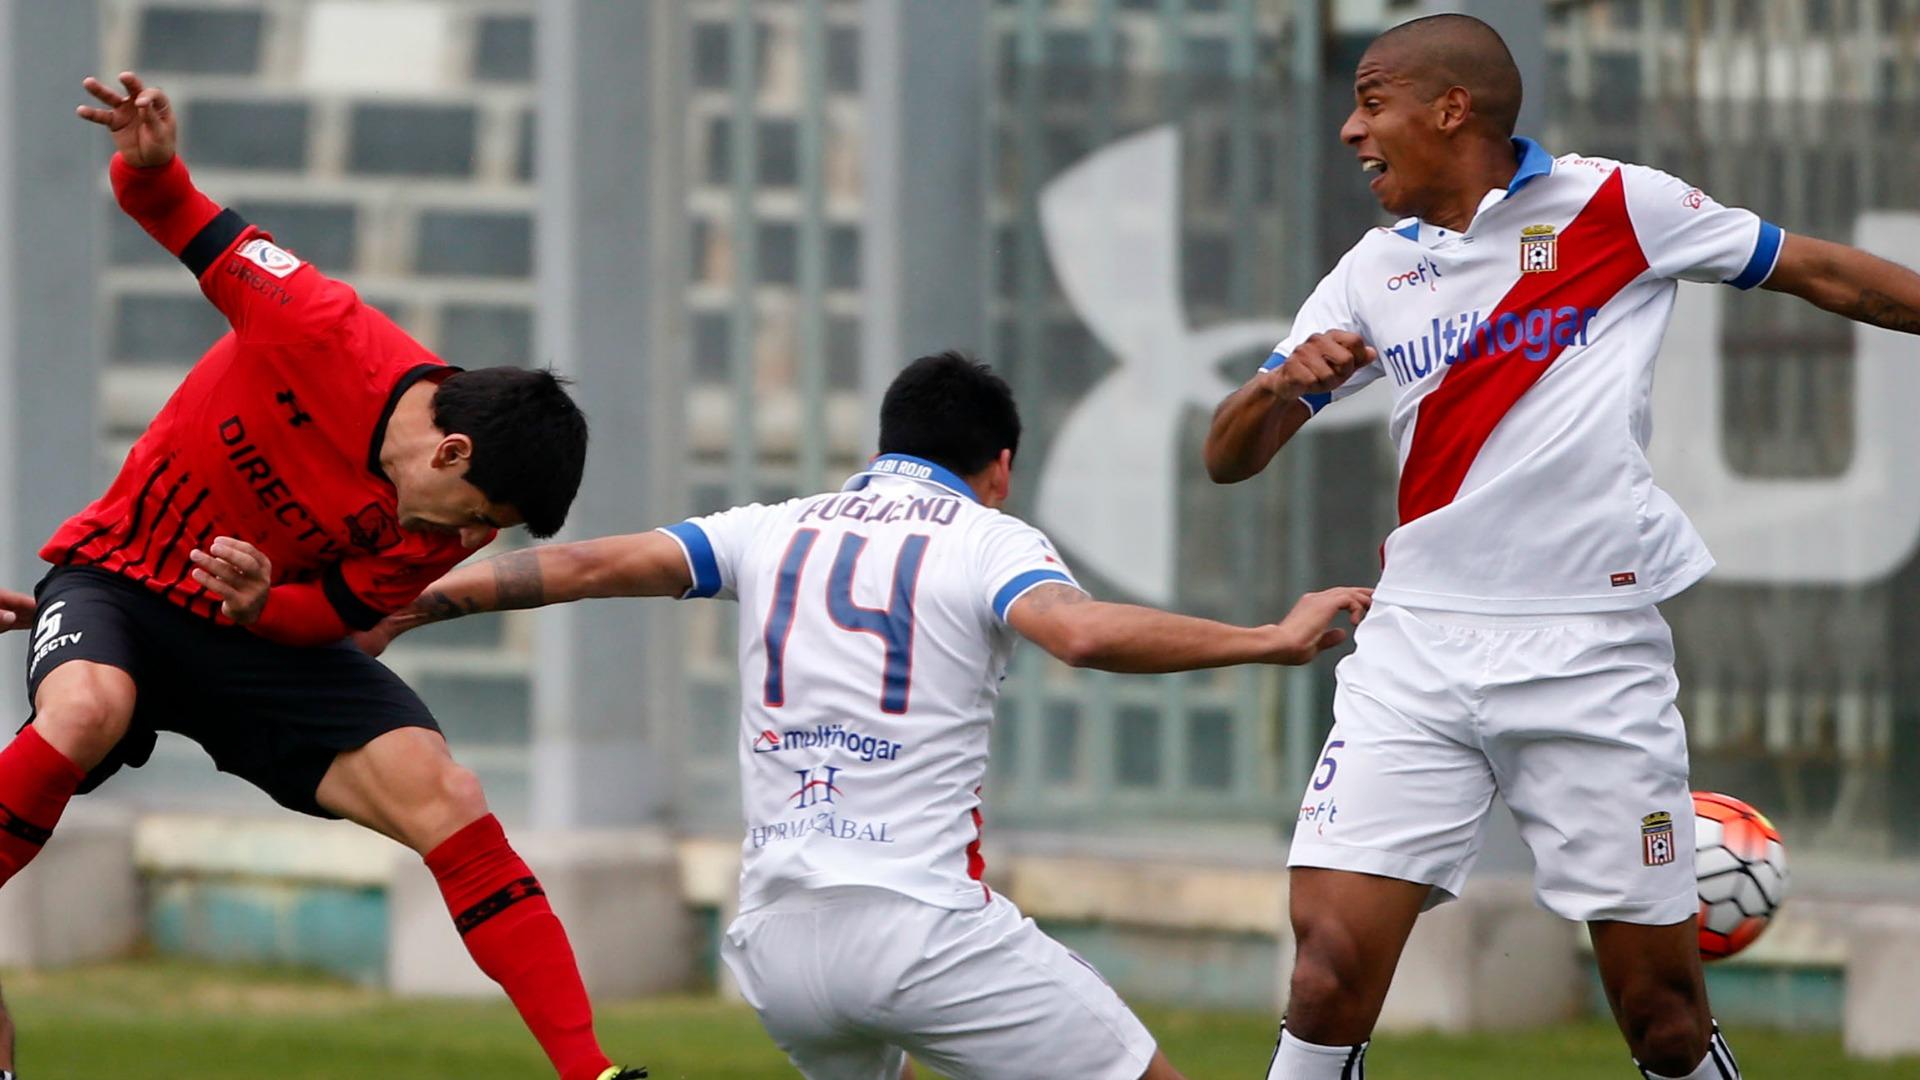 Curico Unido: Mercado De Pases Del Fútbol Chileno 2017/2018: Altas